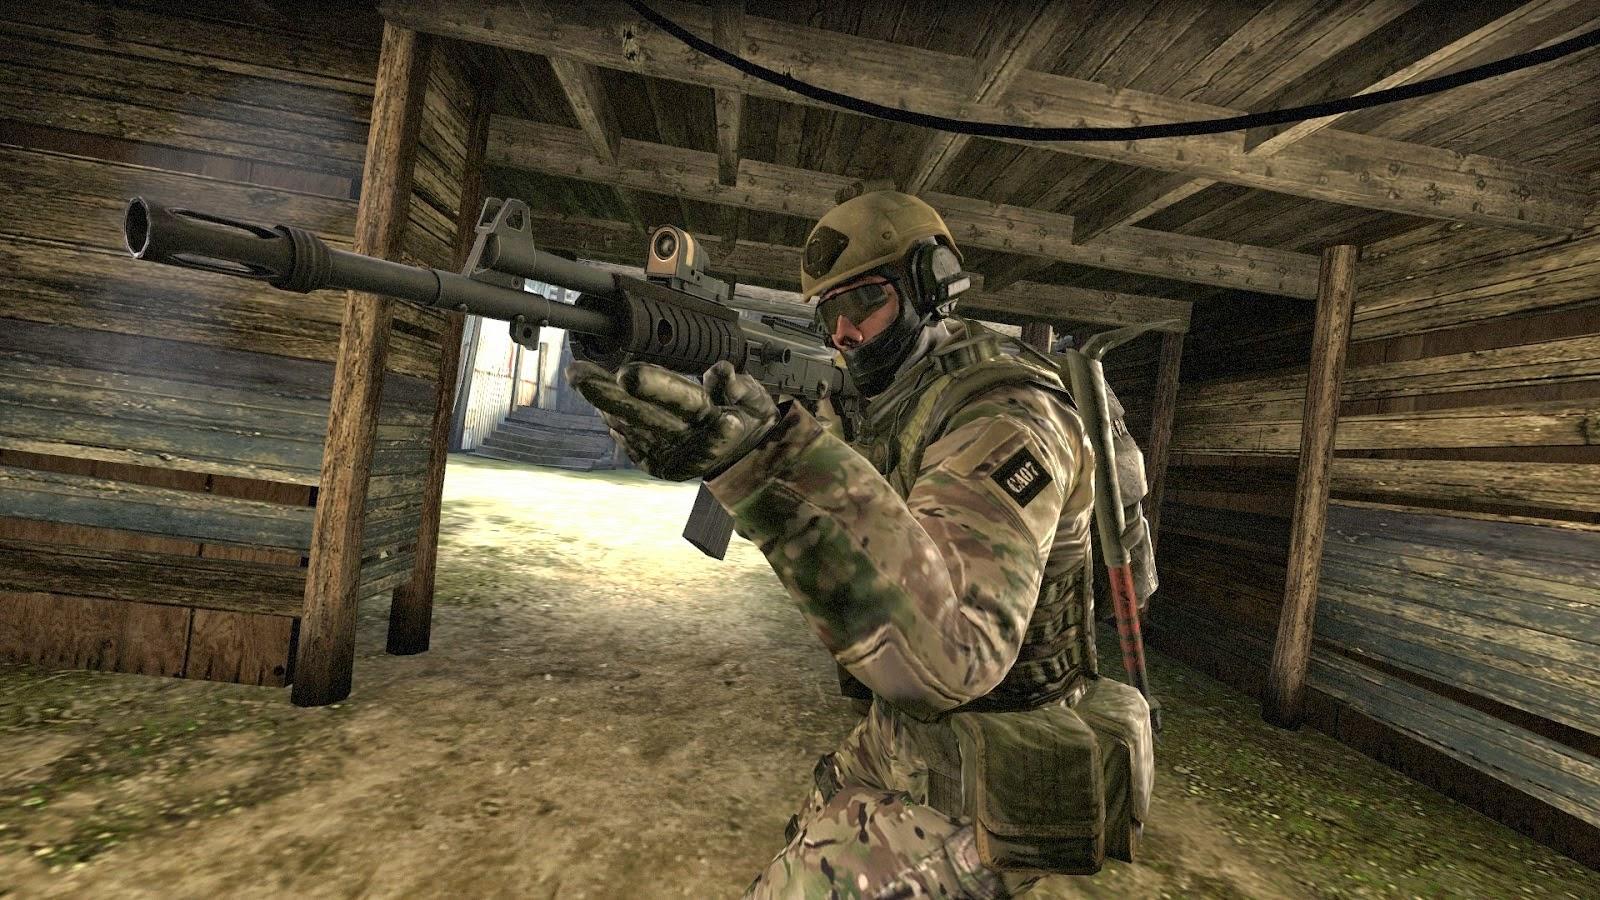 تحميل لعبة الأكشن و الإثارة Counter-Strike Global Offensive 294383.png